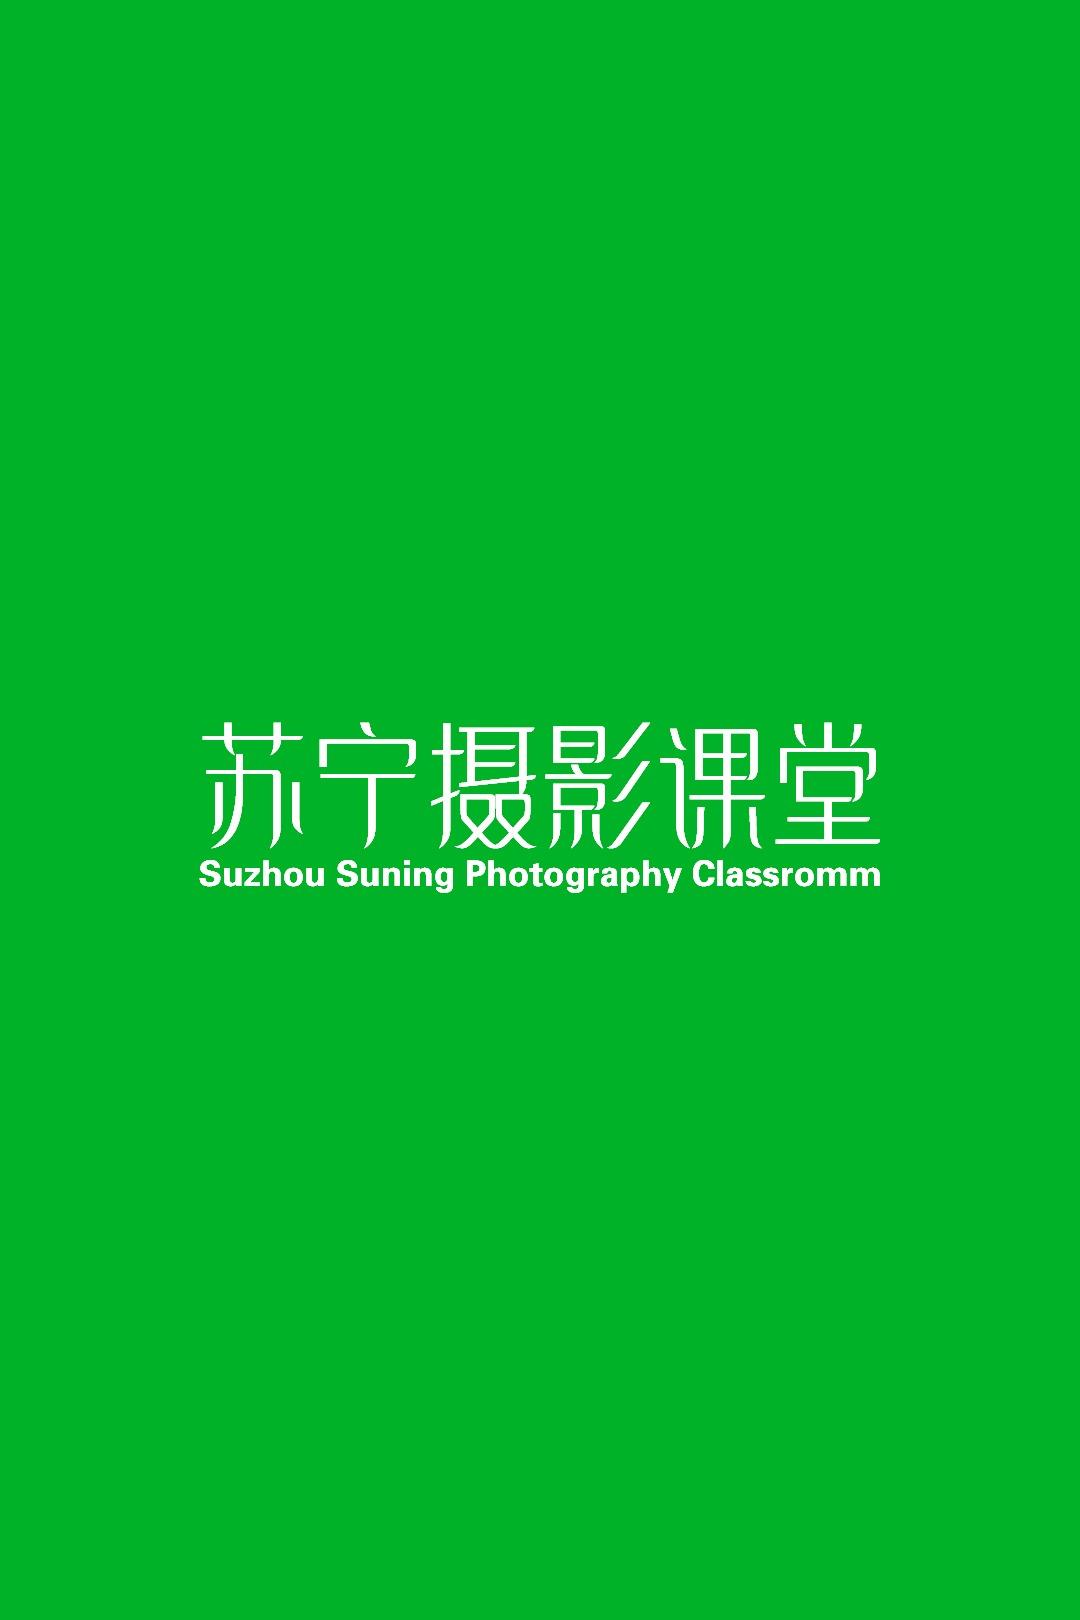 苏宁摄影课堂-旅行摄影